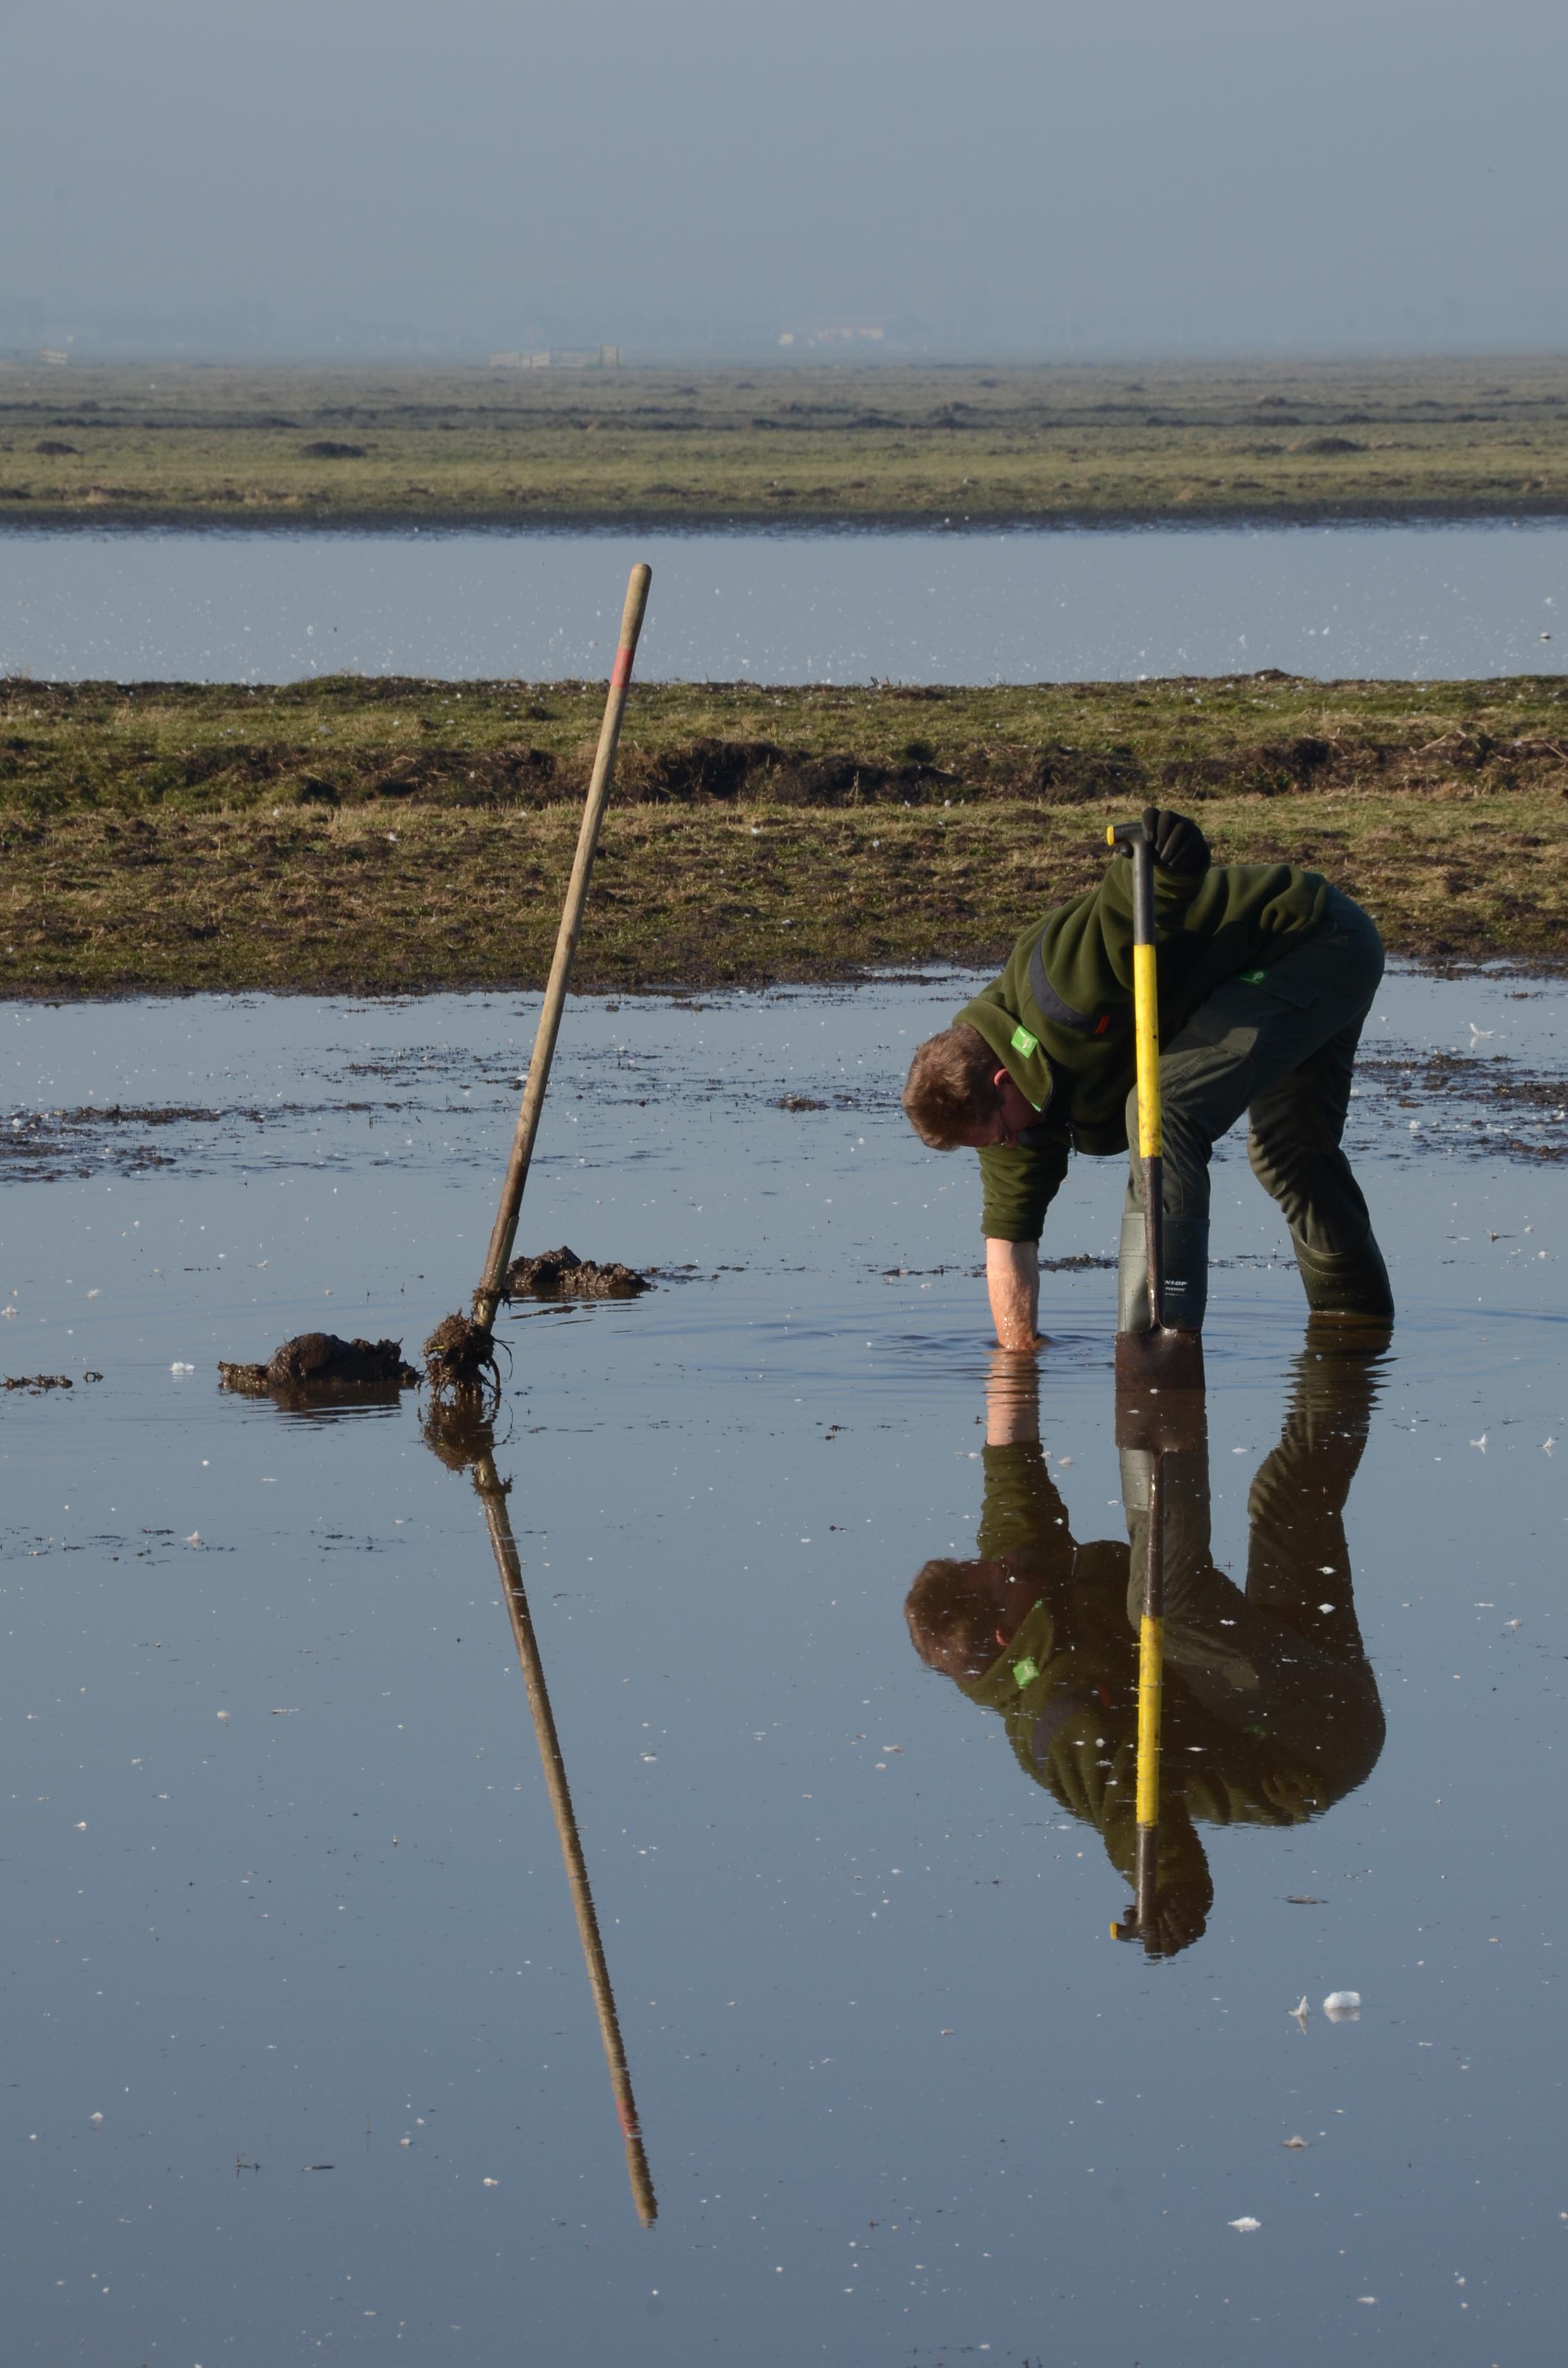 Terreinmedewerker Jan-Willem maakt een greppel open om te zorgen voor ideaal kuikenland